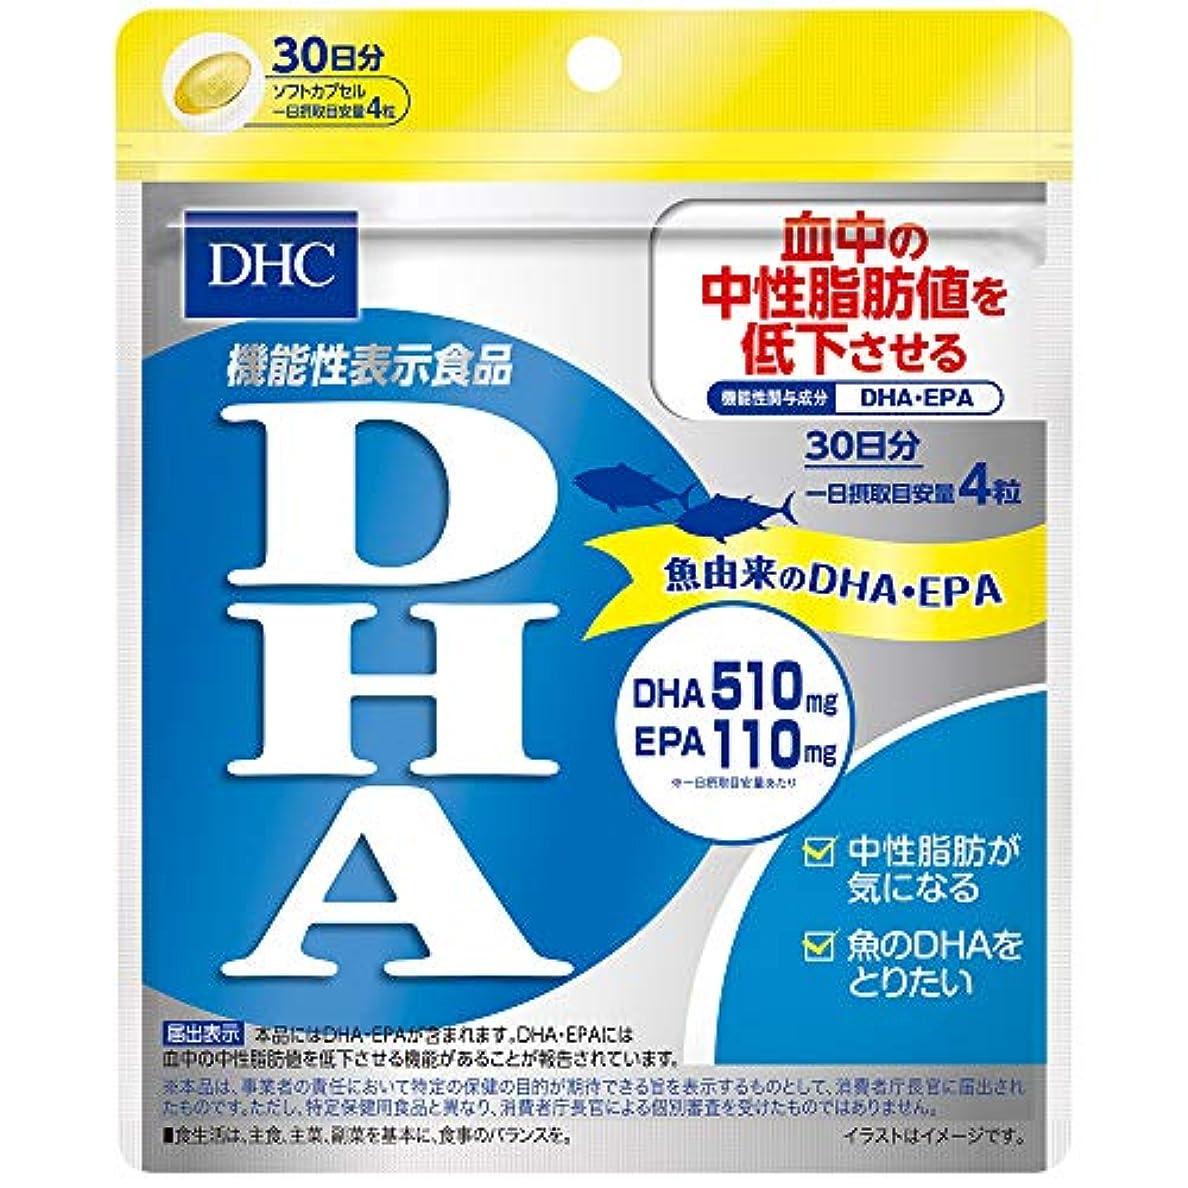 練る耳火炎DHC DHA 30日分 [機能性表示食品]